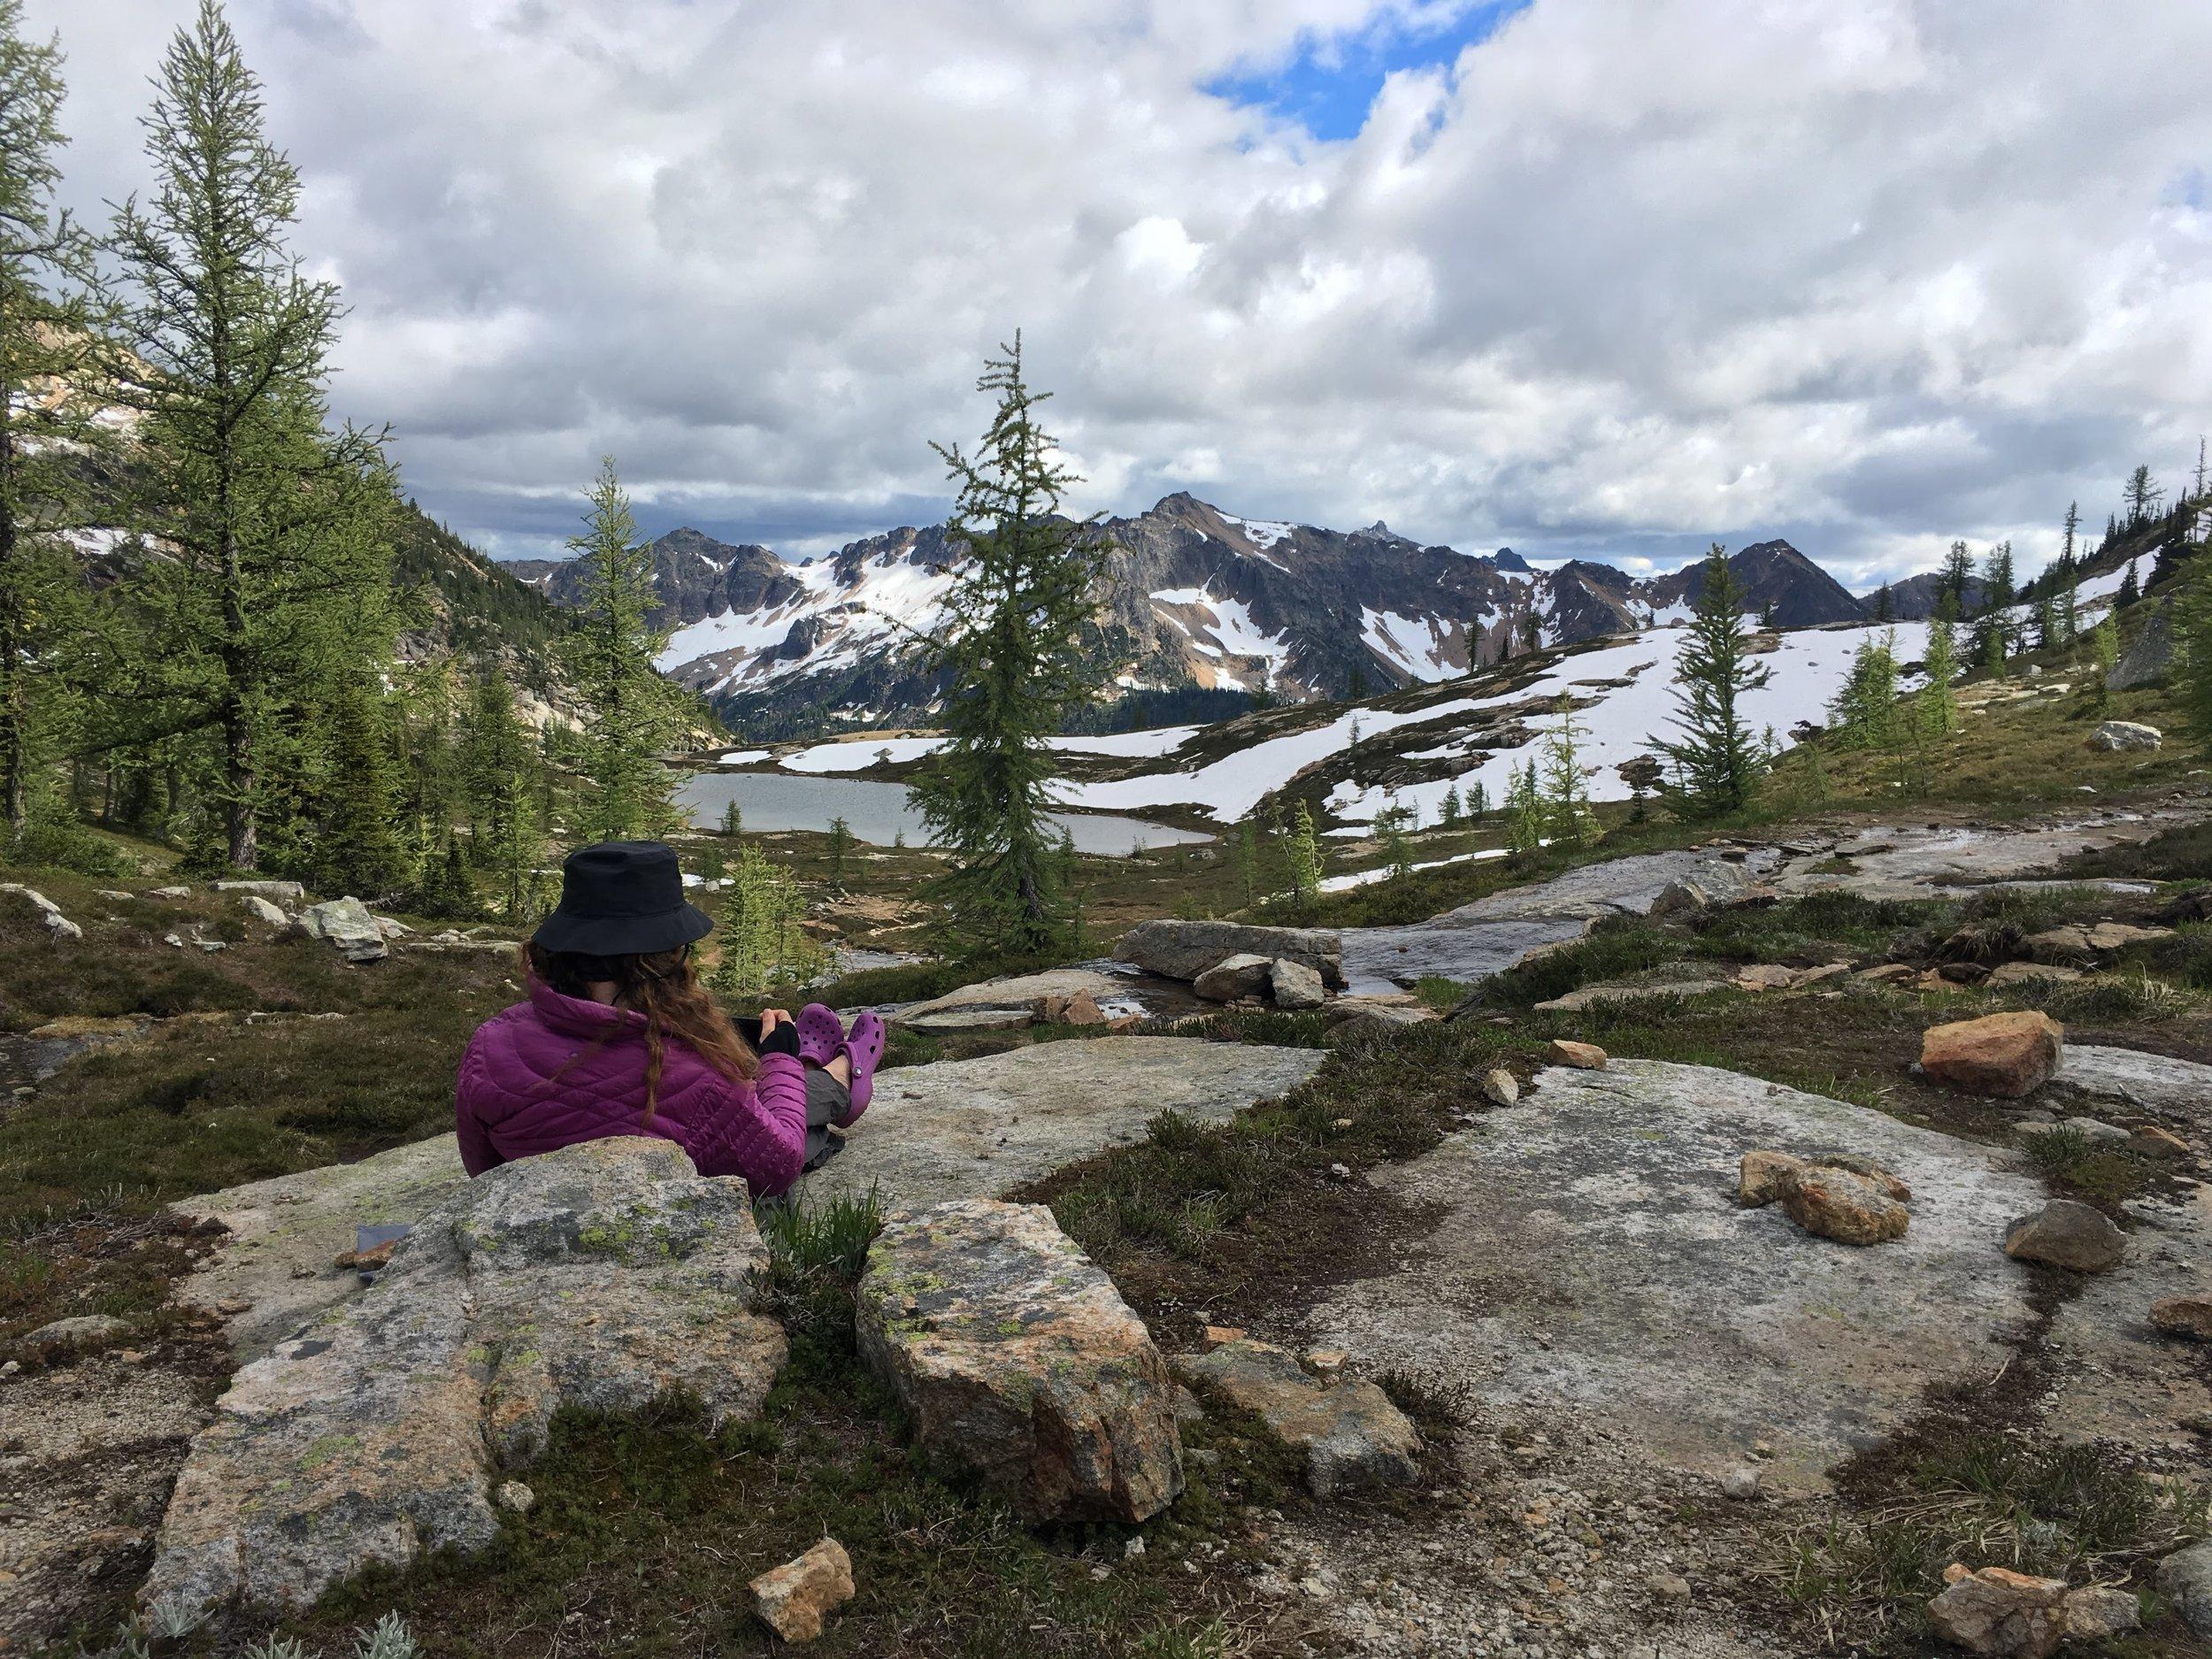 Wilderness leisure